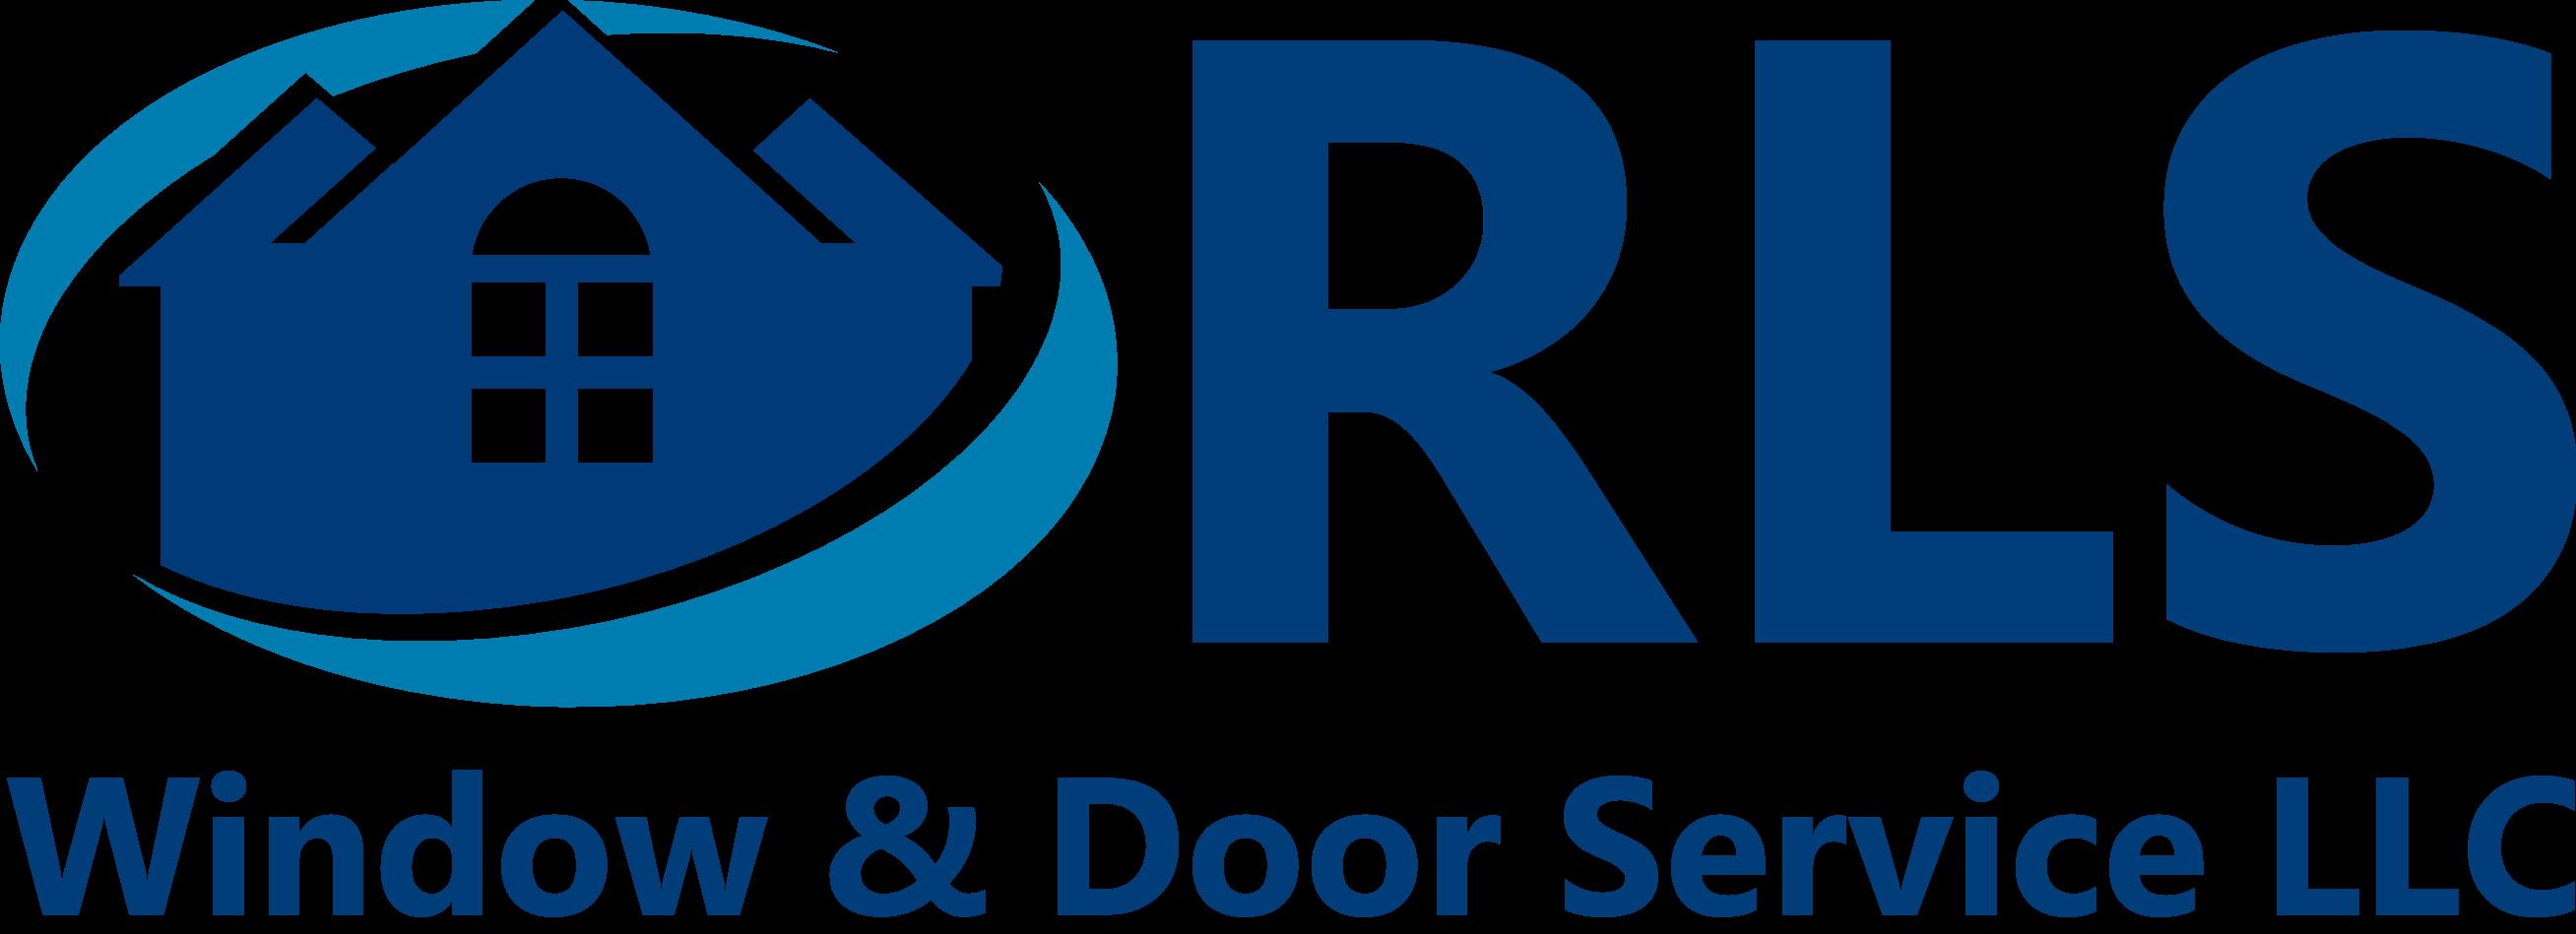 Window & Door Replacement and Repair